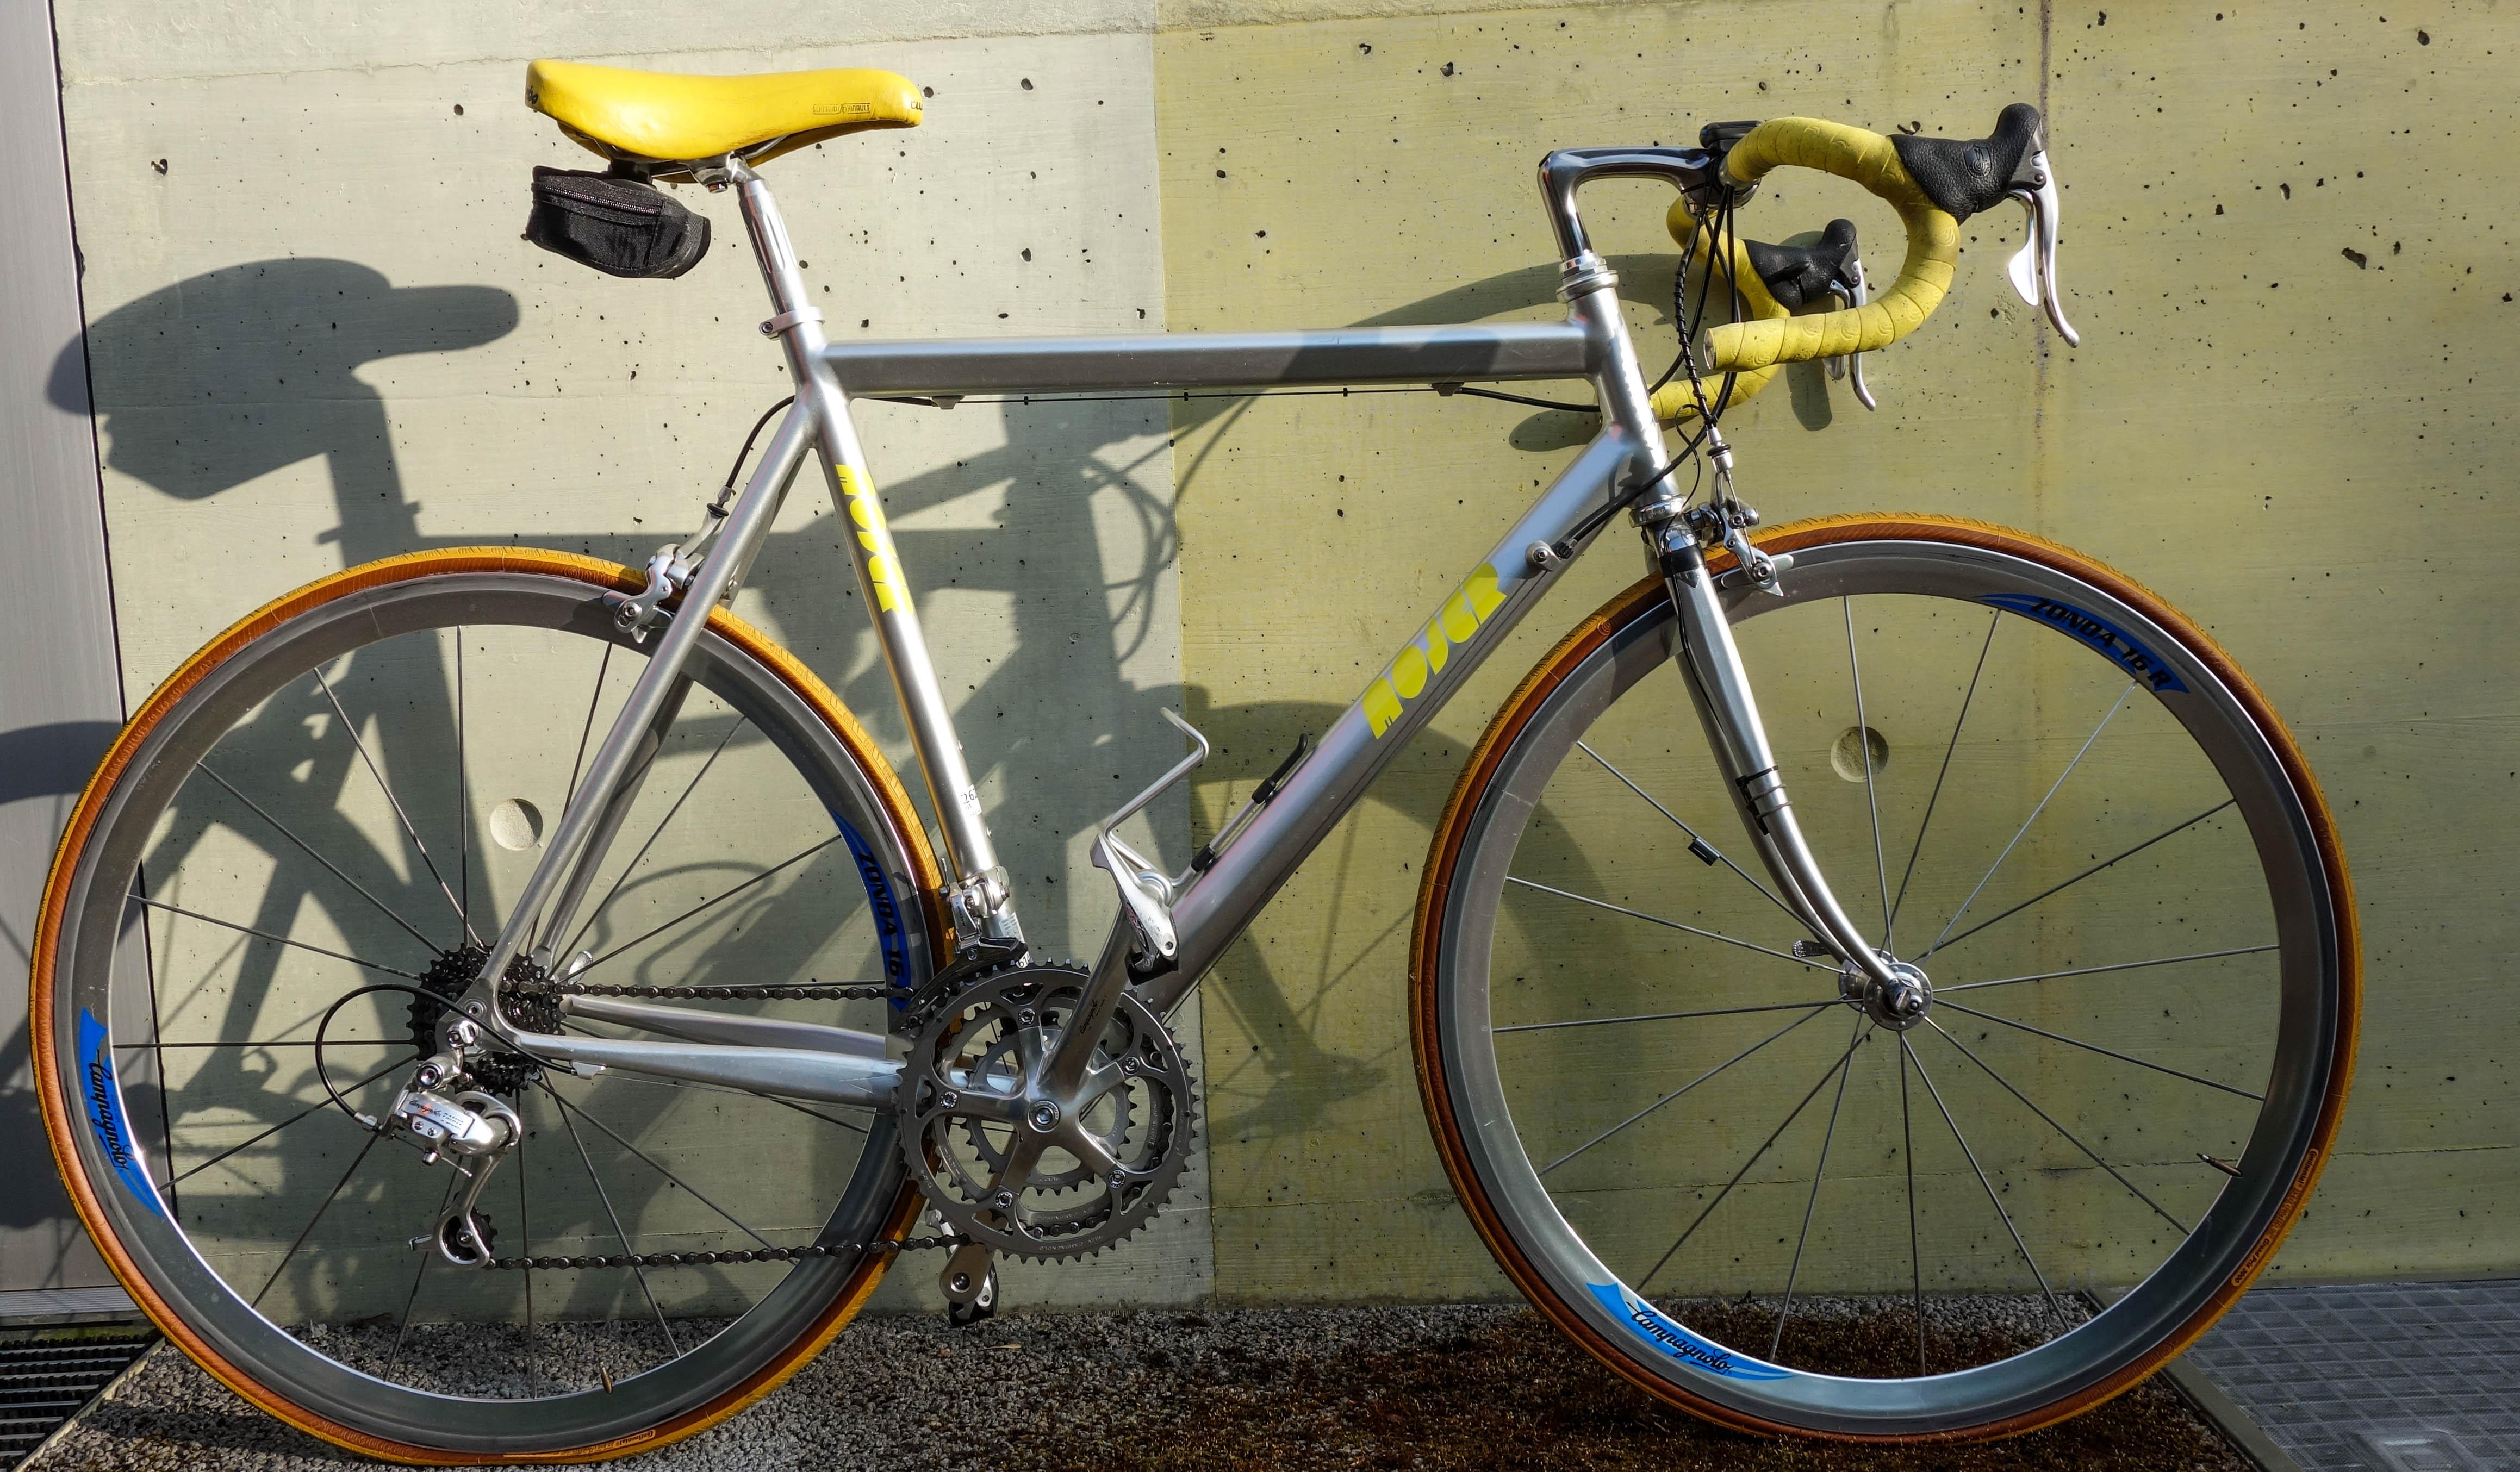 Moser Rennrad - Was für ein Rad ist das?